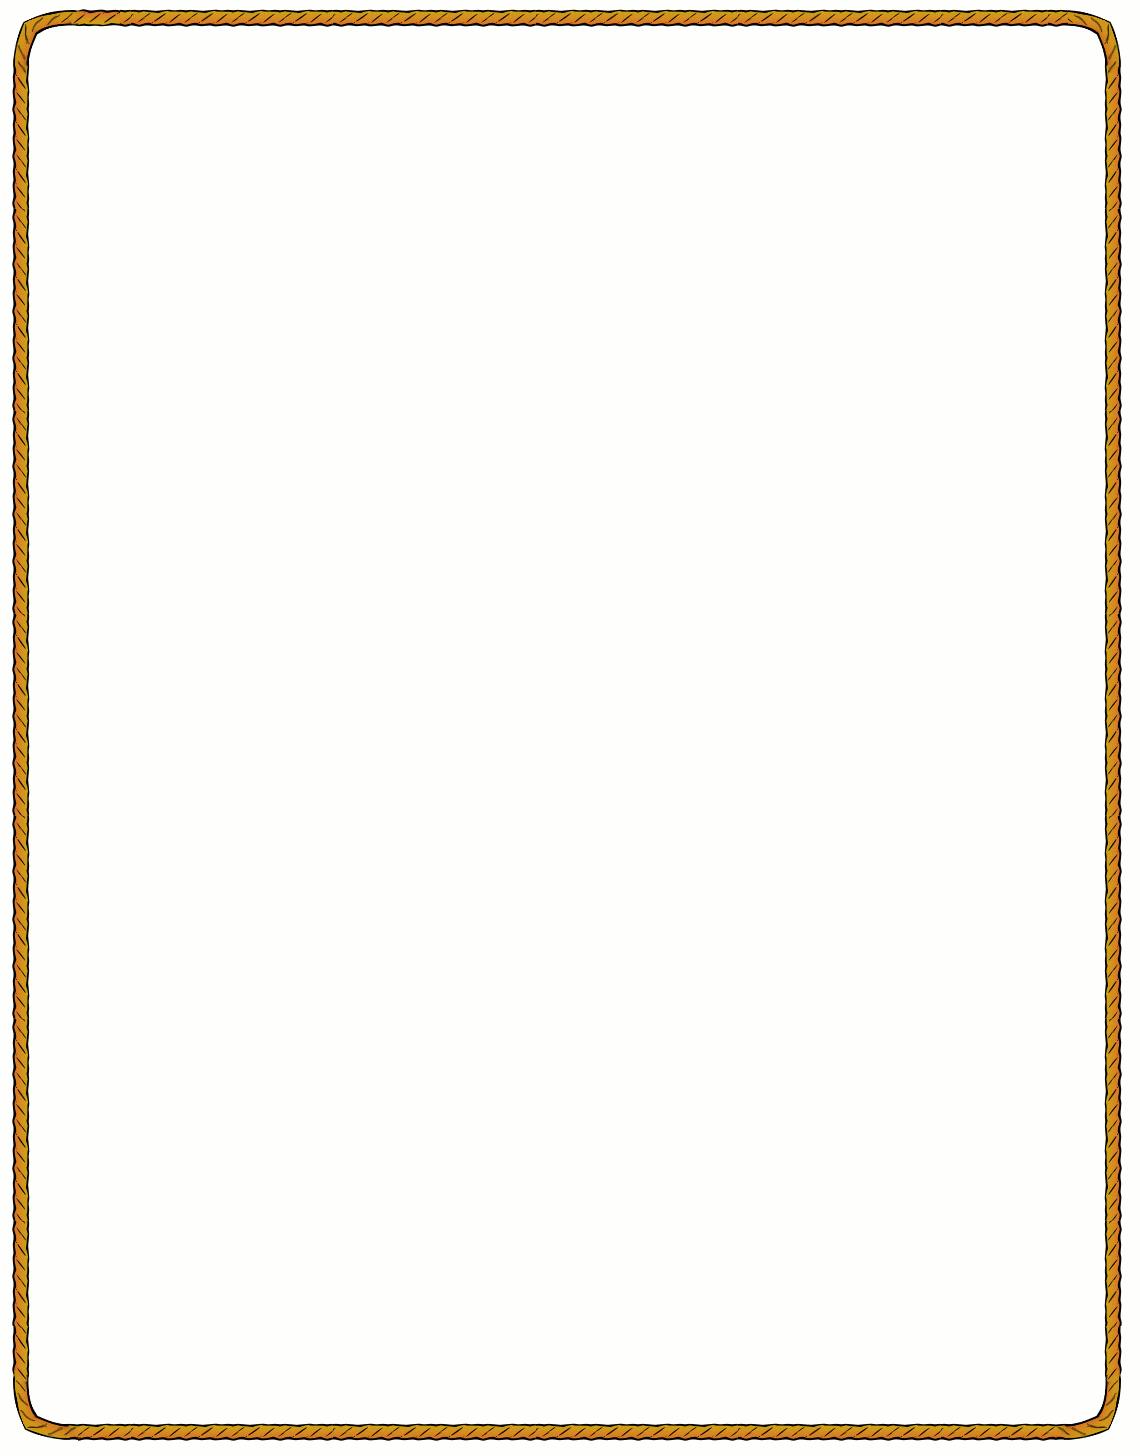 1140x1456 Obituary Borders Clipart